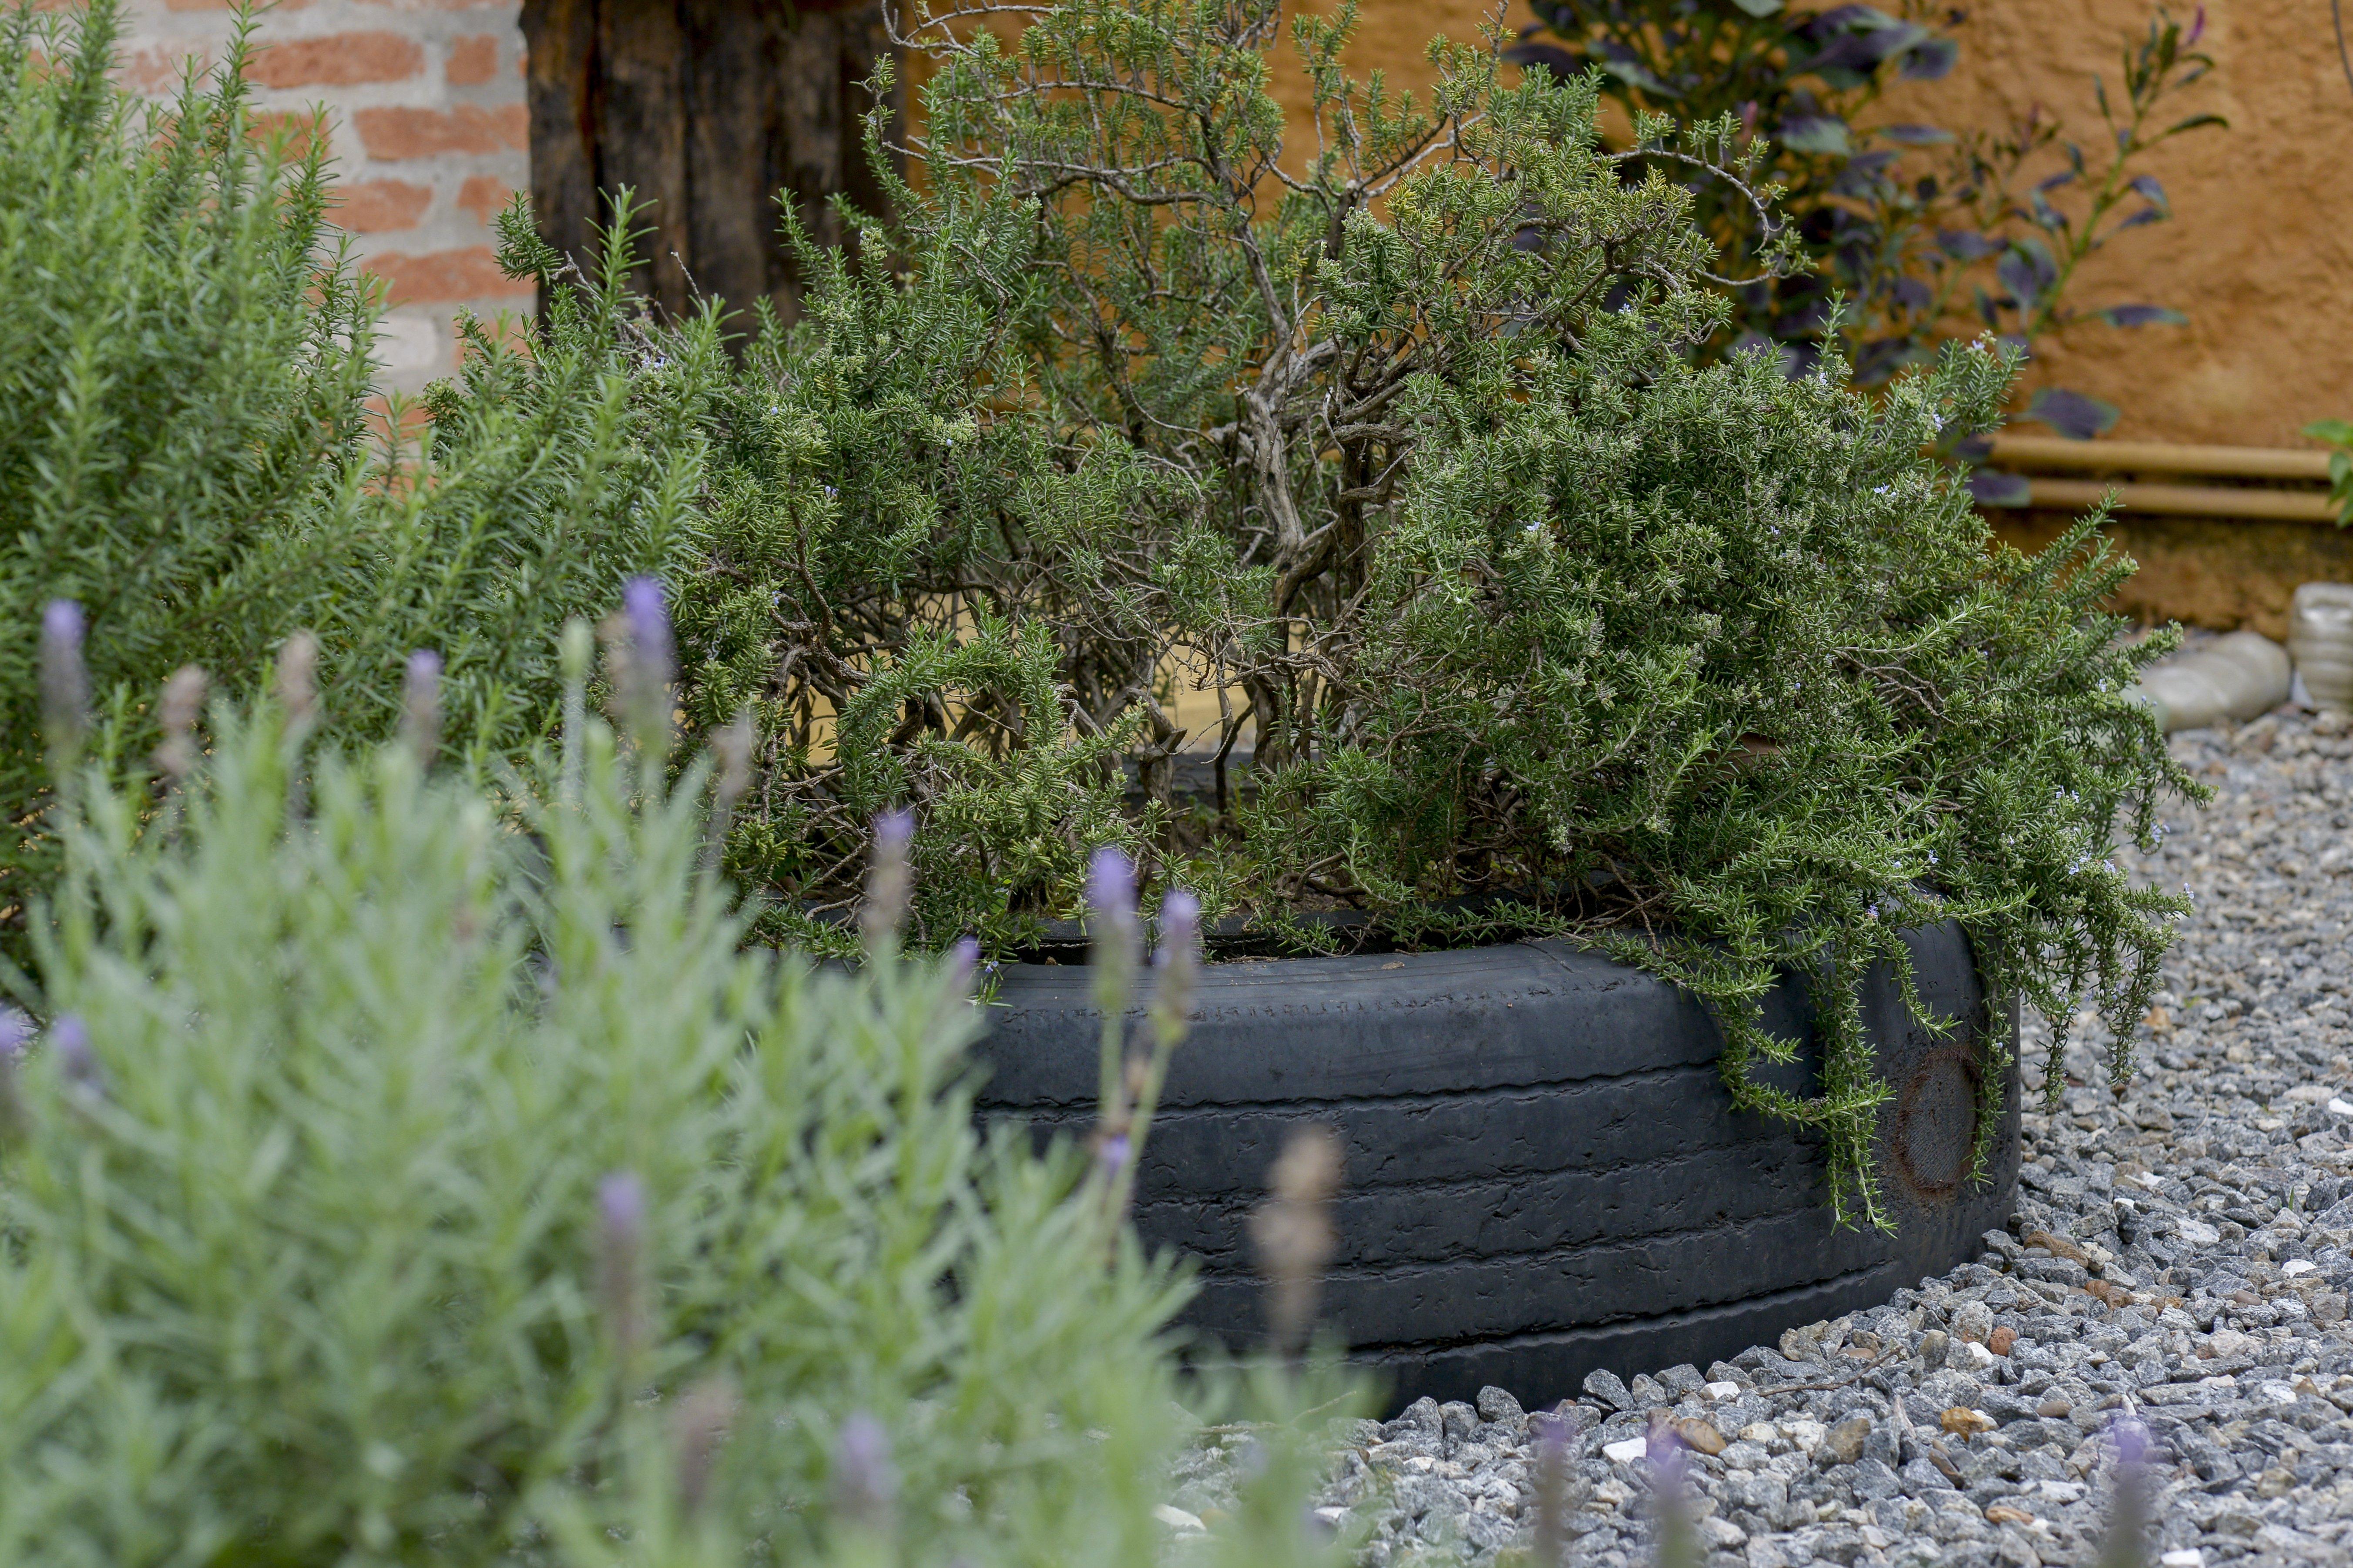 Vaso de pneu ©Ze Gabriel